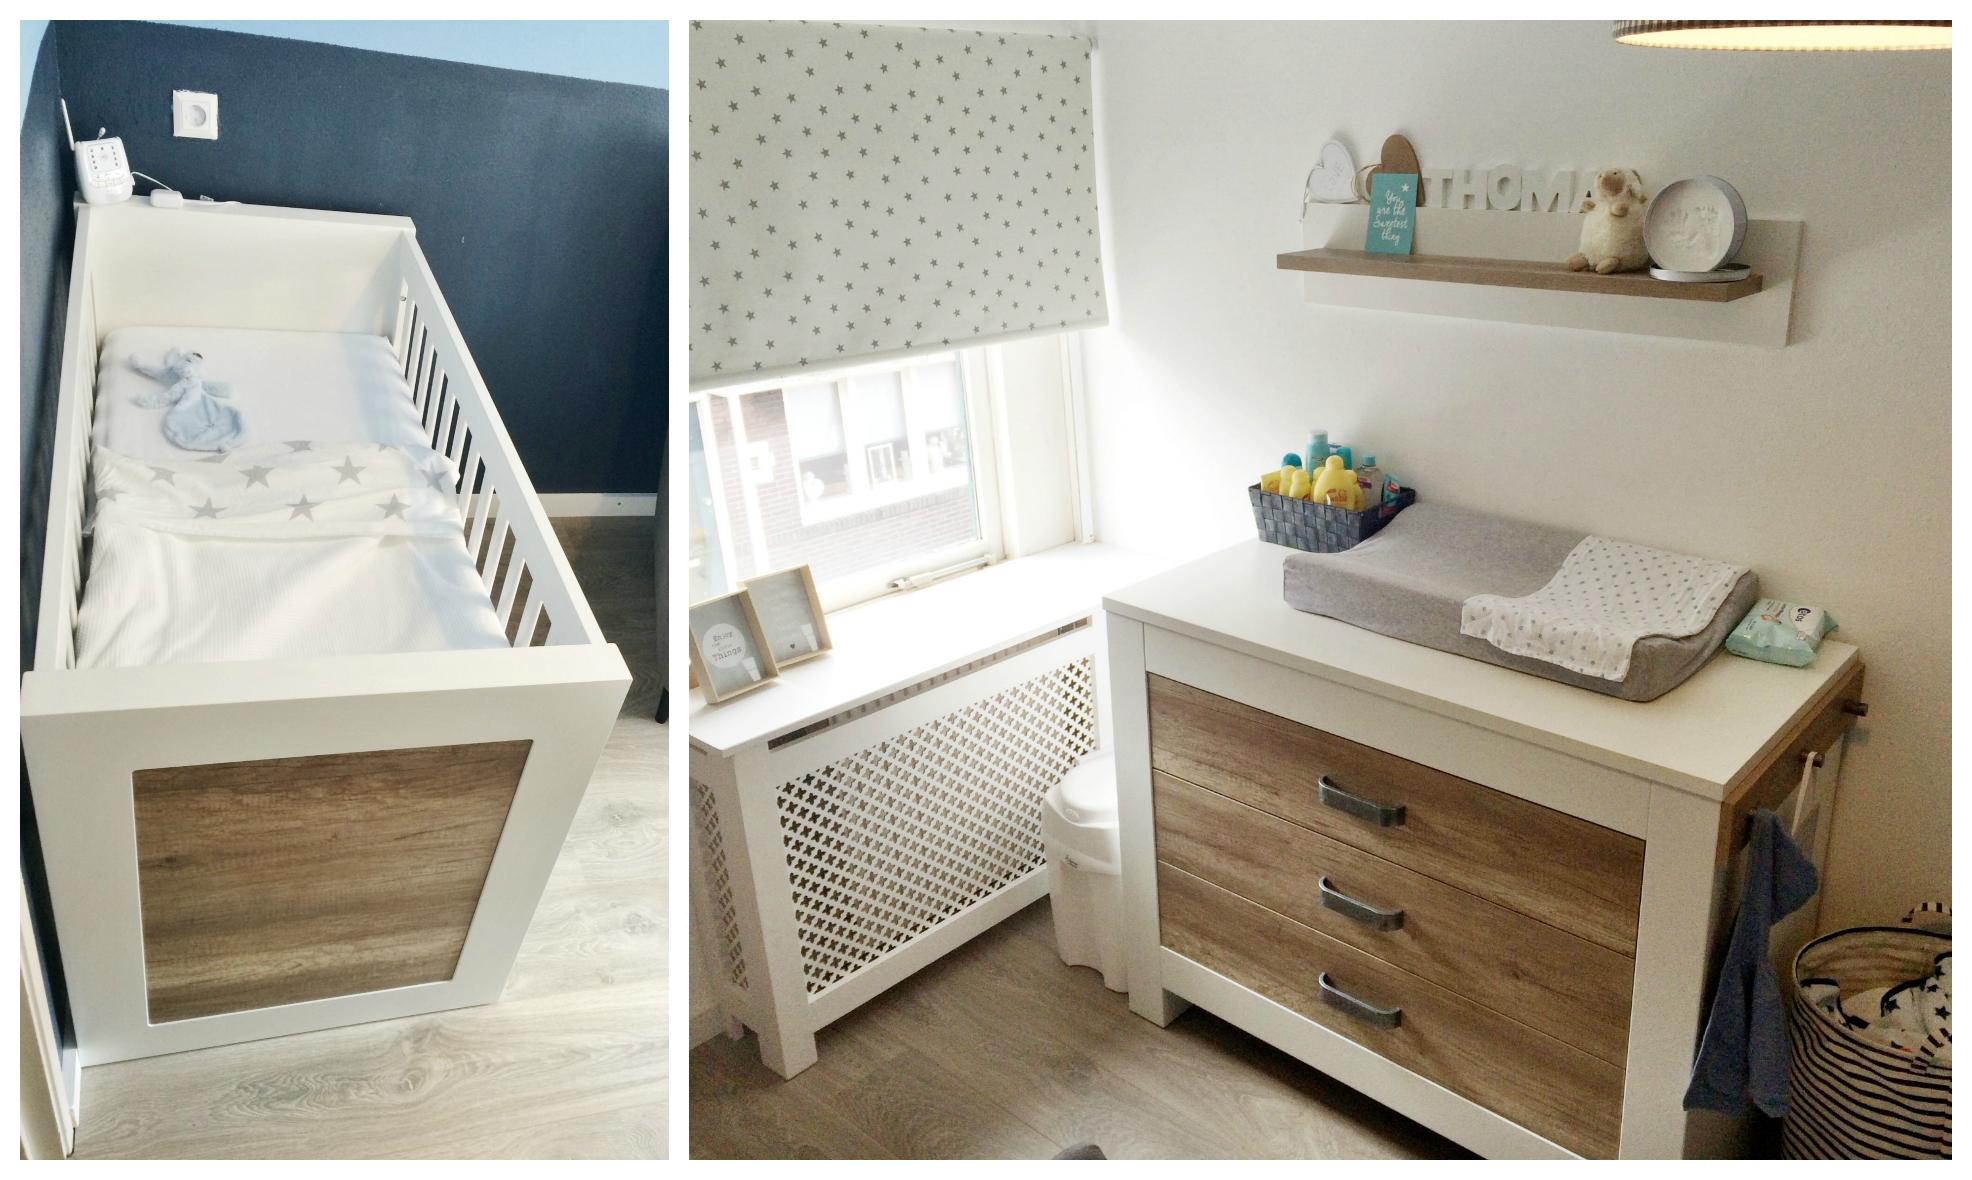 Rolgordijn Babykamer Inspiratie : De babykamer van thomas huisjeboompjebeestjekindje